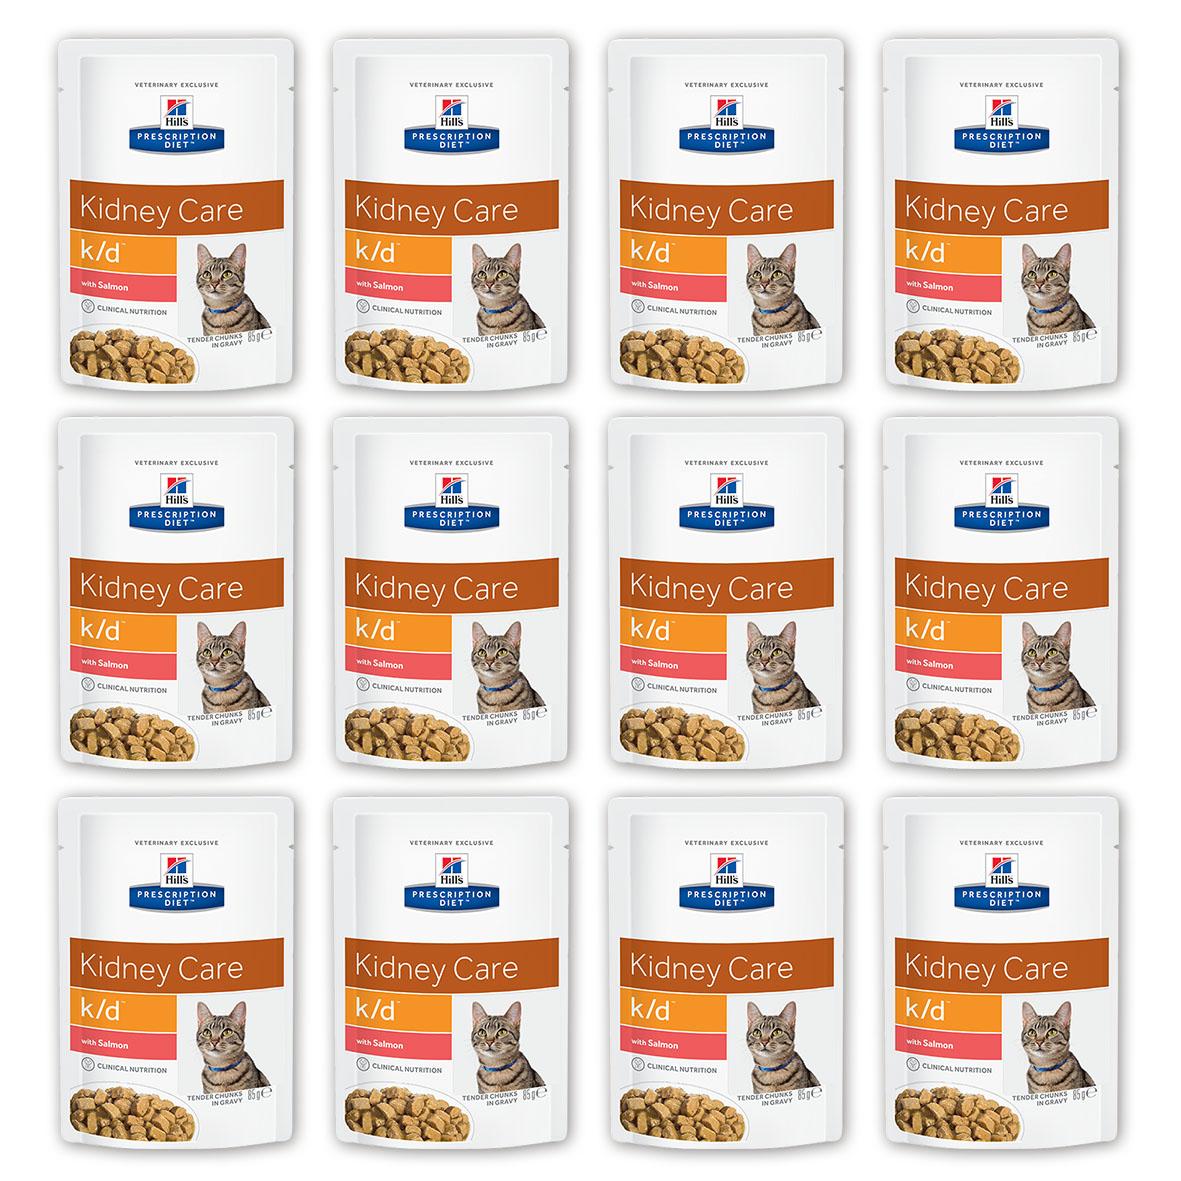 Консервы для кошек Hills Prescription Diet. K/D, при заболевании почек и урологическом синдроме, с лососем, 85 г, 12 шт0120710Консервы для кошек Hills Prescription Diet. K/D рекомендуются при хронических заболеваниях почек, при заболеваниях сердца, при уратном и цистиновом уролитиазе.Не рекомендуется котятам, беременным и кормящим кошкам, кошкам с дефицитом натрия в организме.В 2-х летнем исследовании клинически доказано что у кошек, питавшихся рационом Hills Prescription Diet k/d Feline, значительно реже отмечались эпизоды уремии и снижался уровень смертности. Ключевые преимущества: - Сниженное содержание фосфора помогает замедлить развитие заболевания почек. - Контролируемое содержание протеина помогает снизить накопление токсичных продуктов белкового обмена, в то же время удовлетворяя потребность организма в протеинах. Уменьшает концентрацию в моче компонентов уратных и цистиновых уролитов. - Повышенное содержание непротеиновых калорий помогает обеспечить поступление энергии и не допускает катаболизма протеинов. - Повышенная буферная емкость рациона препятствует развитию метаболического ацидоза. - Омега-3 жирные кислоты улучшают почечный кровоток. - Содержание натрия снижено, что помогает замедлить развитие заболевания почек. Уменьшает задержку воды в организме на ранних стадиях заболеваний сердца. - Повышенное содержание растворимой клетчатки уменьшает реабсорбцию аммония в кишечнике. Помогает понизить концентрацию мочевины в крови. - Повышенное содержание витаминов группы В восполняет потери данных витаминов при полиурии. - Антиоксидантная формула нейтрализует действие свободных радикалов для поддержания функции почек. Ингредиенты: курица, свинина, лосось (4%), кукурузный крахмал, пшеничная мука, крахмал из тапиоки, различные сахара, минералы и микроэлементы, витамины, сухое цельное яйцо, подсолнечное масло, рыбий жир, порошок животного протеина, концентрат горохового протеина. Окрашено натуральной карамелью.Среднее содержание нутриентов в рационе: протеин 6,8%